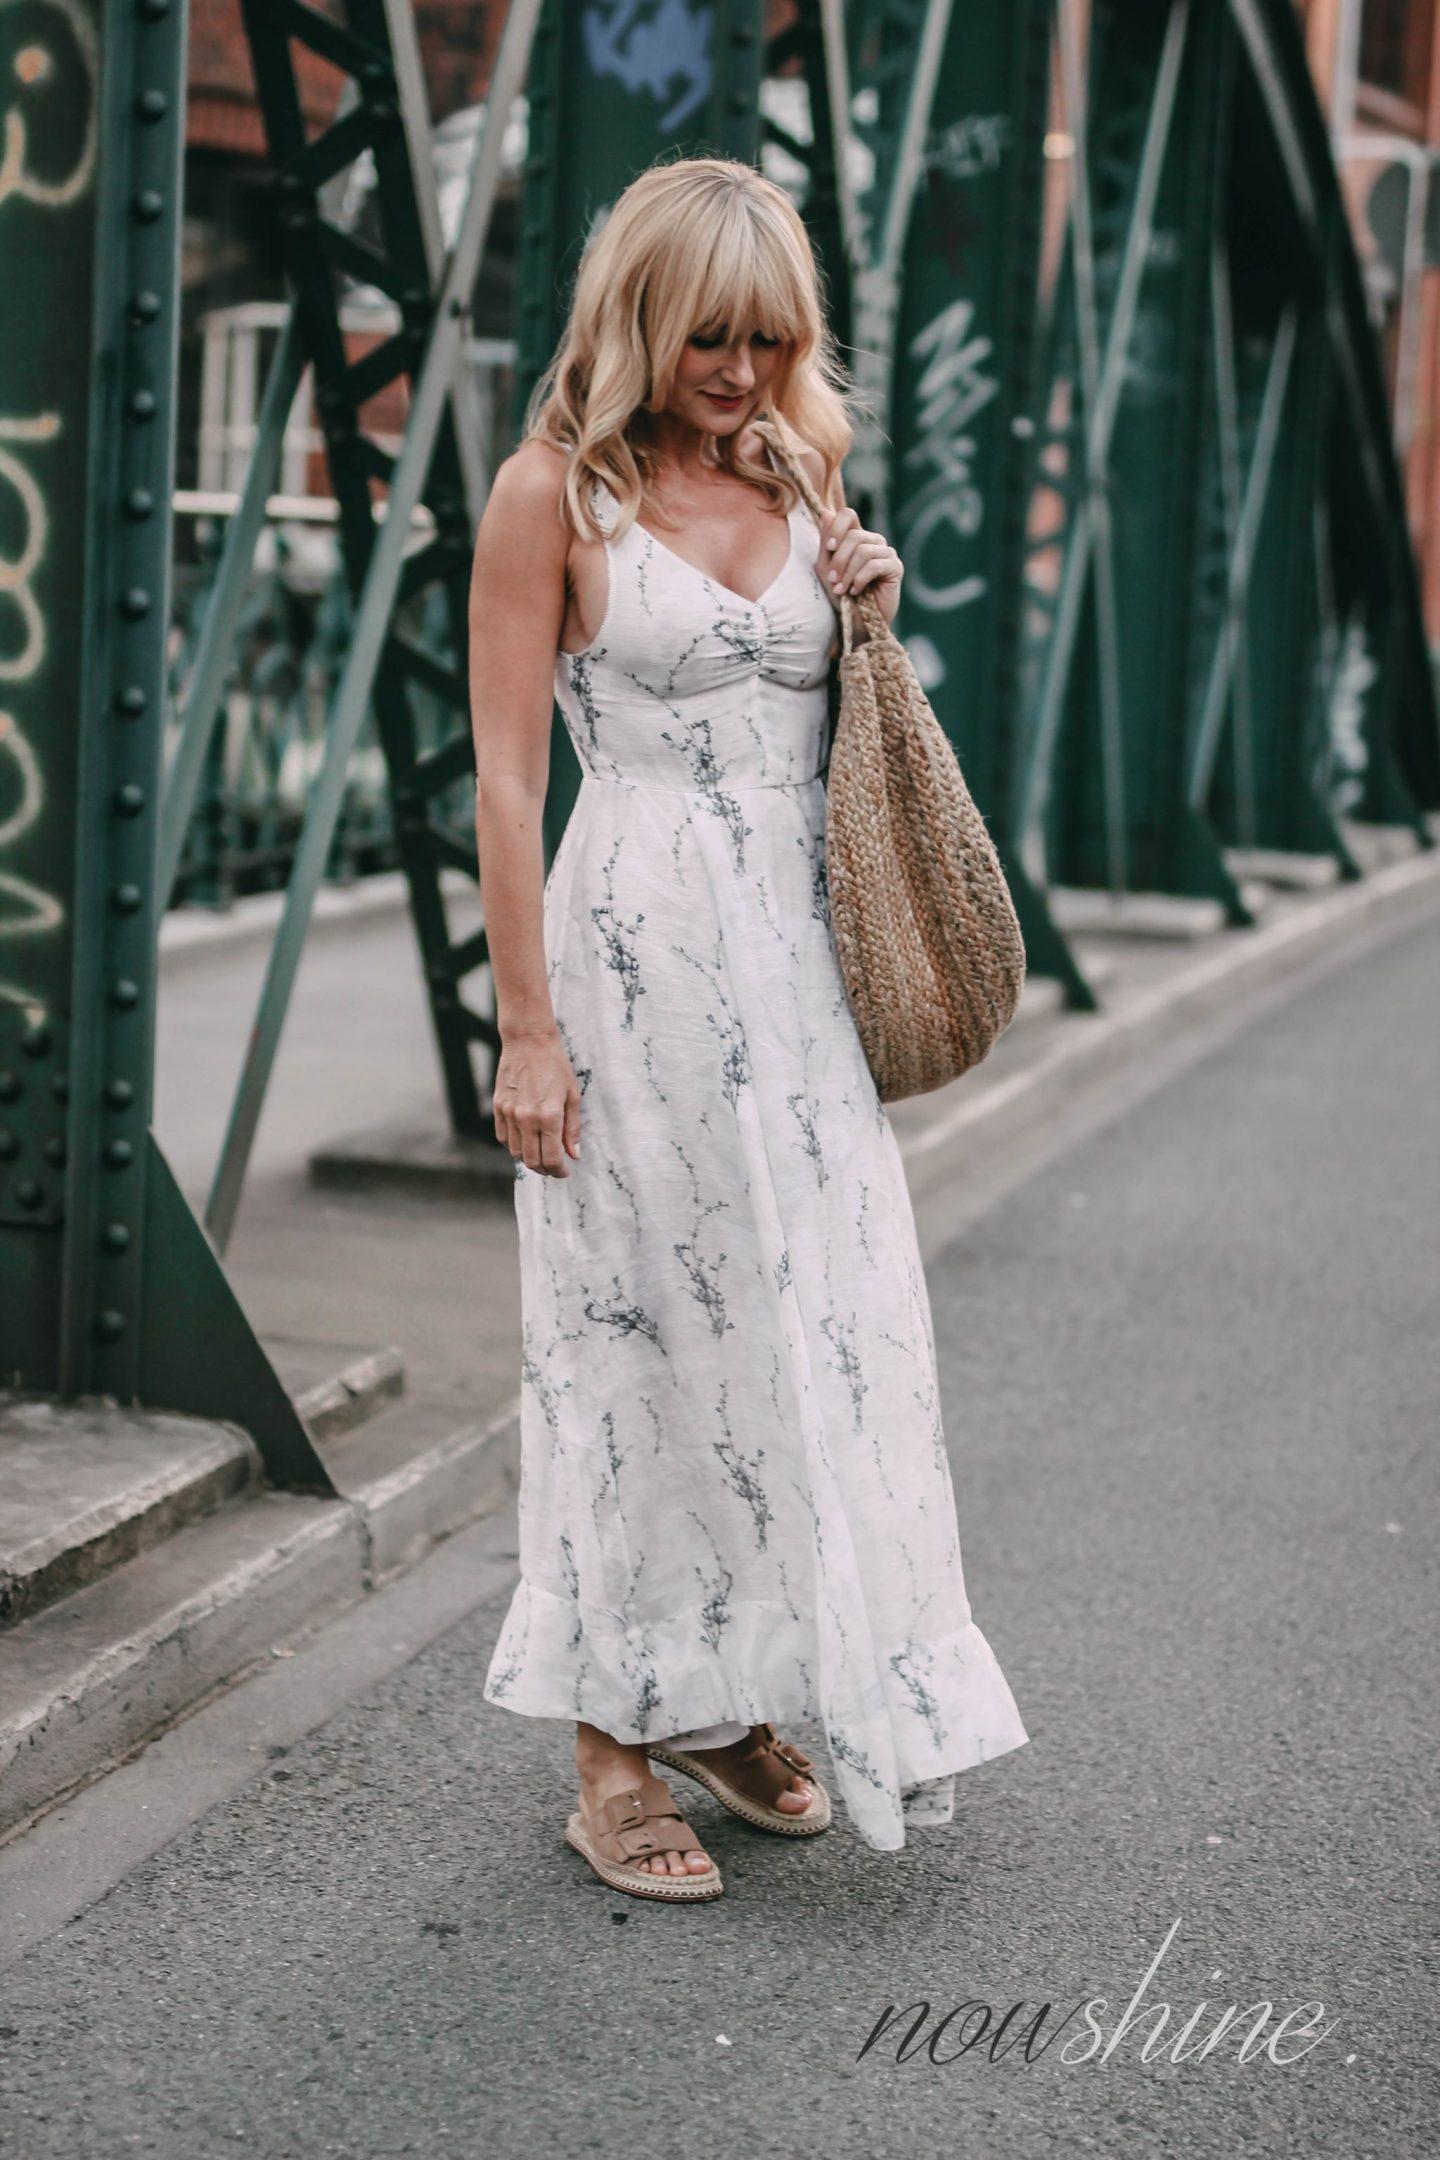 Conscious Exclusive - mein liebstes Kleid ist von H&M -Nowshine Mode ab 40